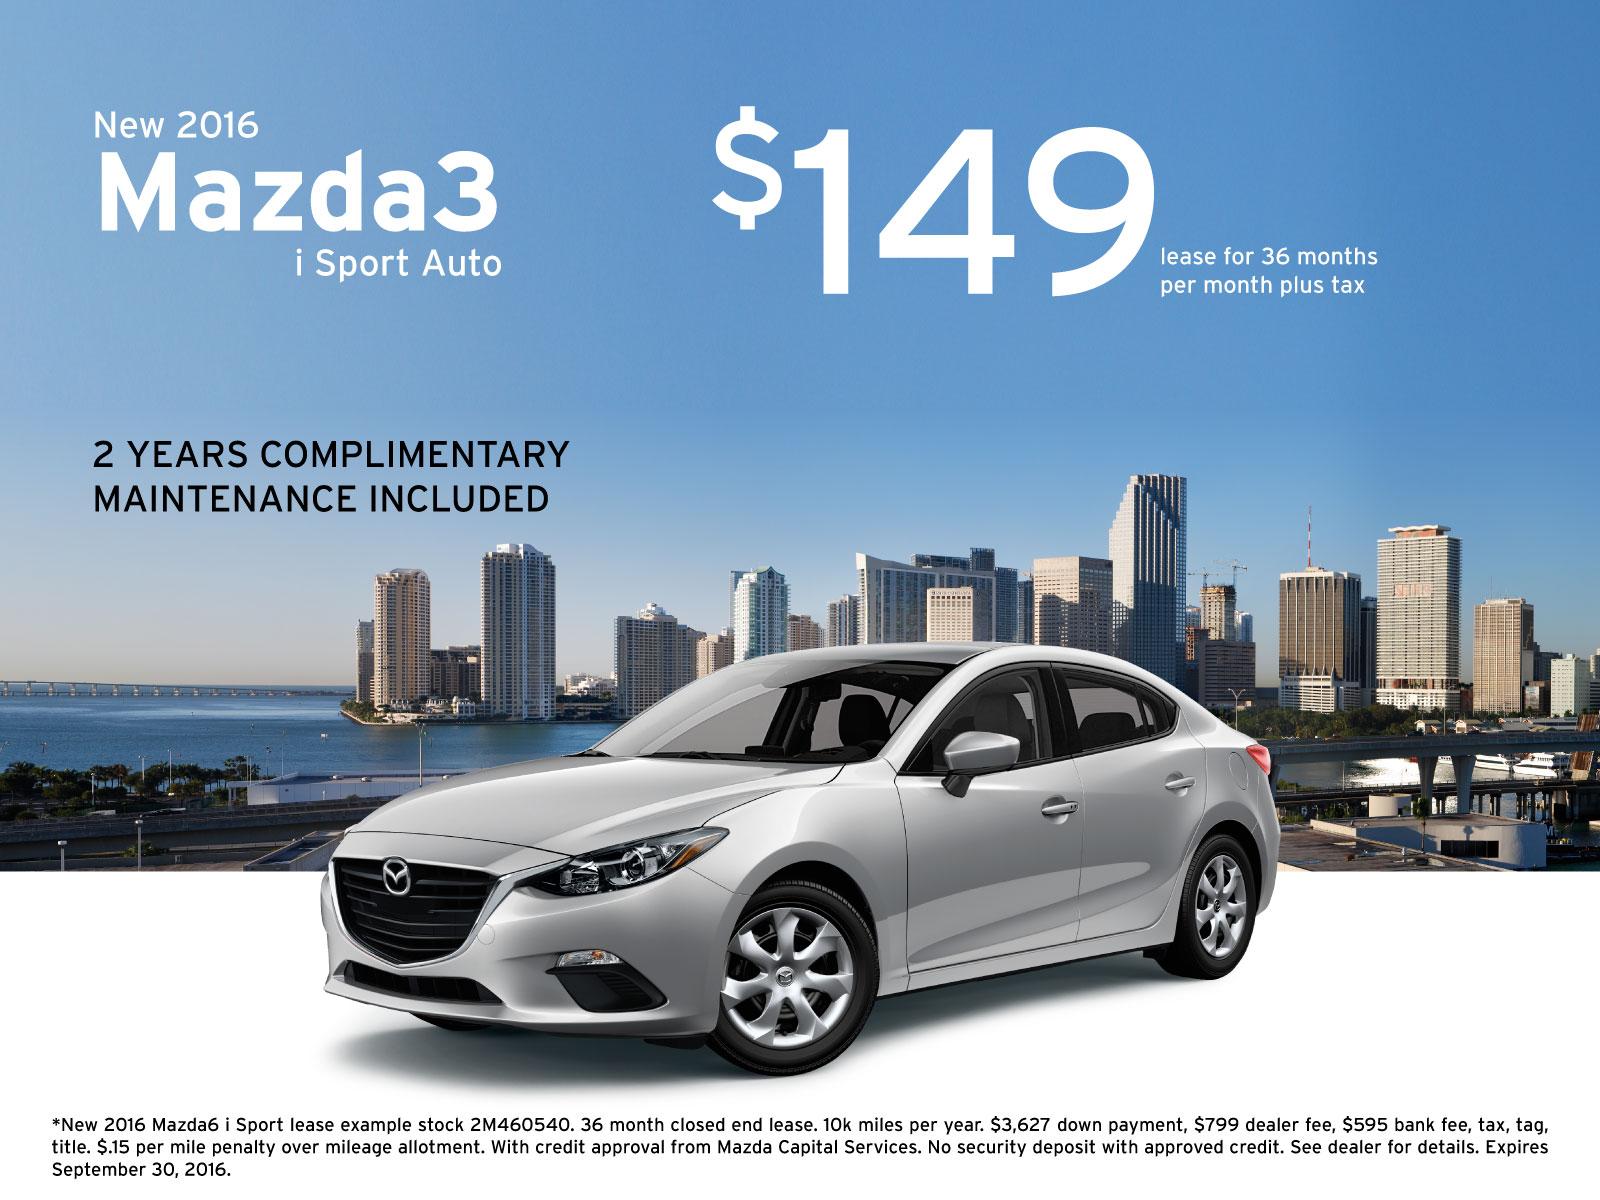 Mazda3 Specials in Miami